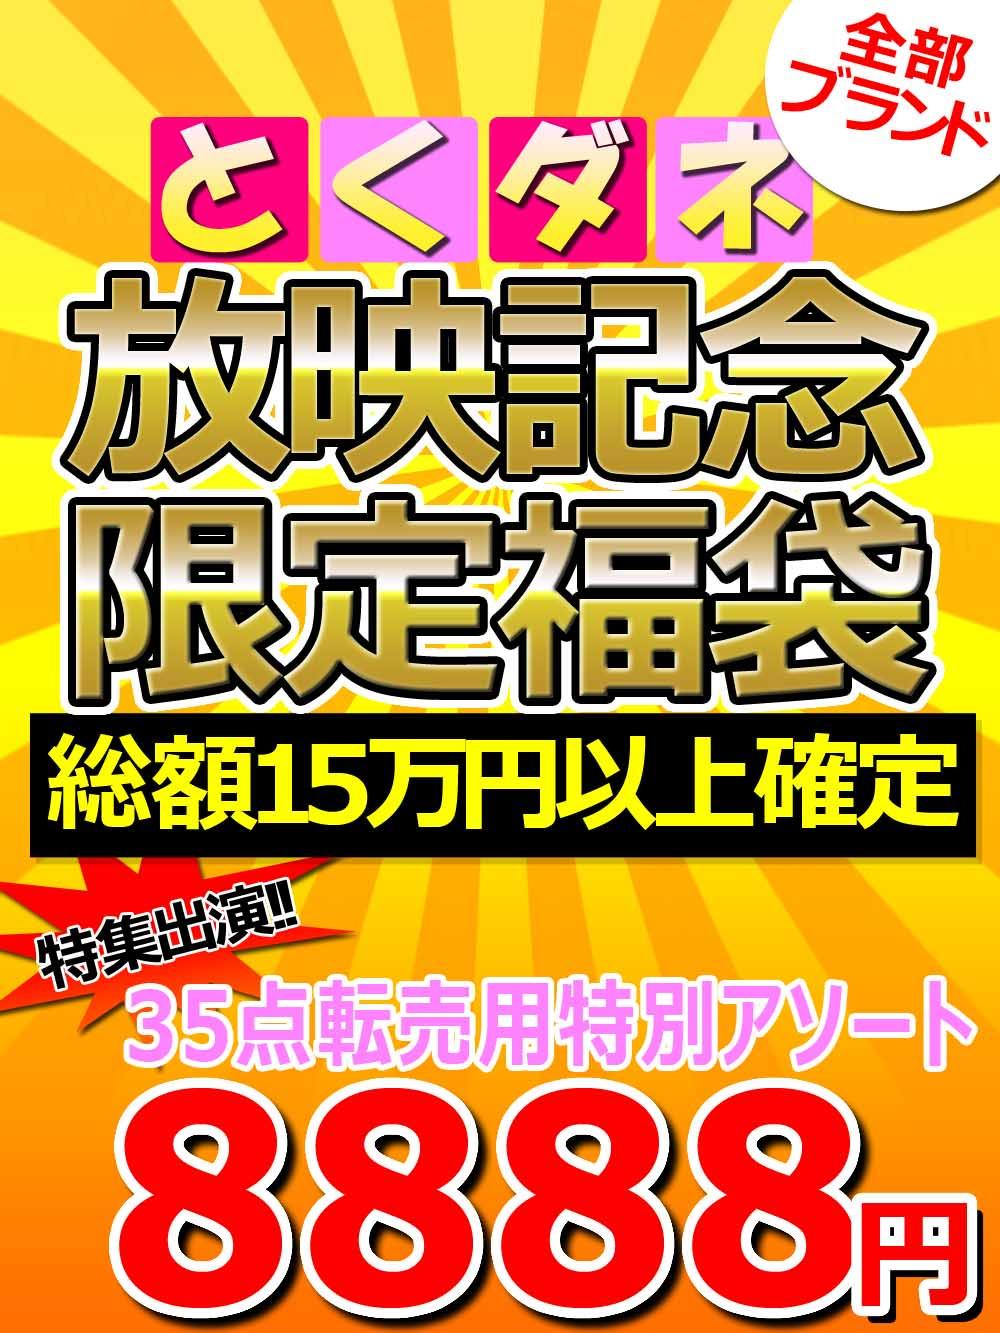 【とくダネ!放映記念】特別福袋 上代15万円確定!転売用アソート【35点】8888(6/19金曜8時)